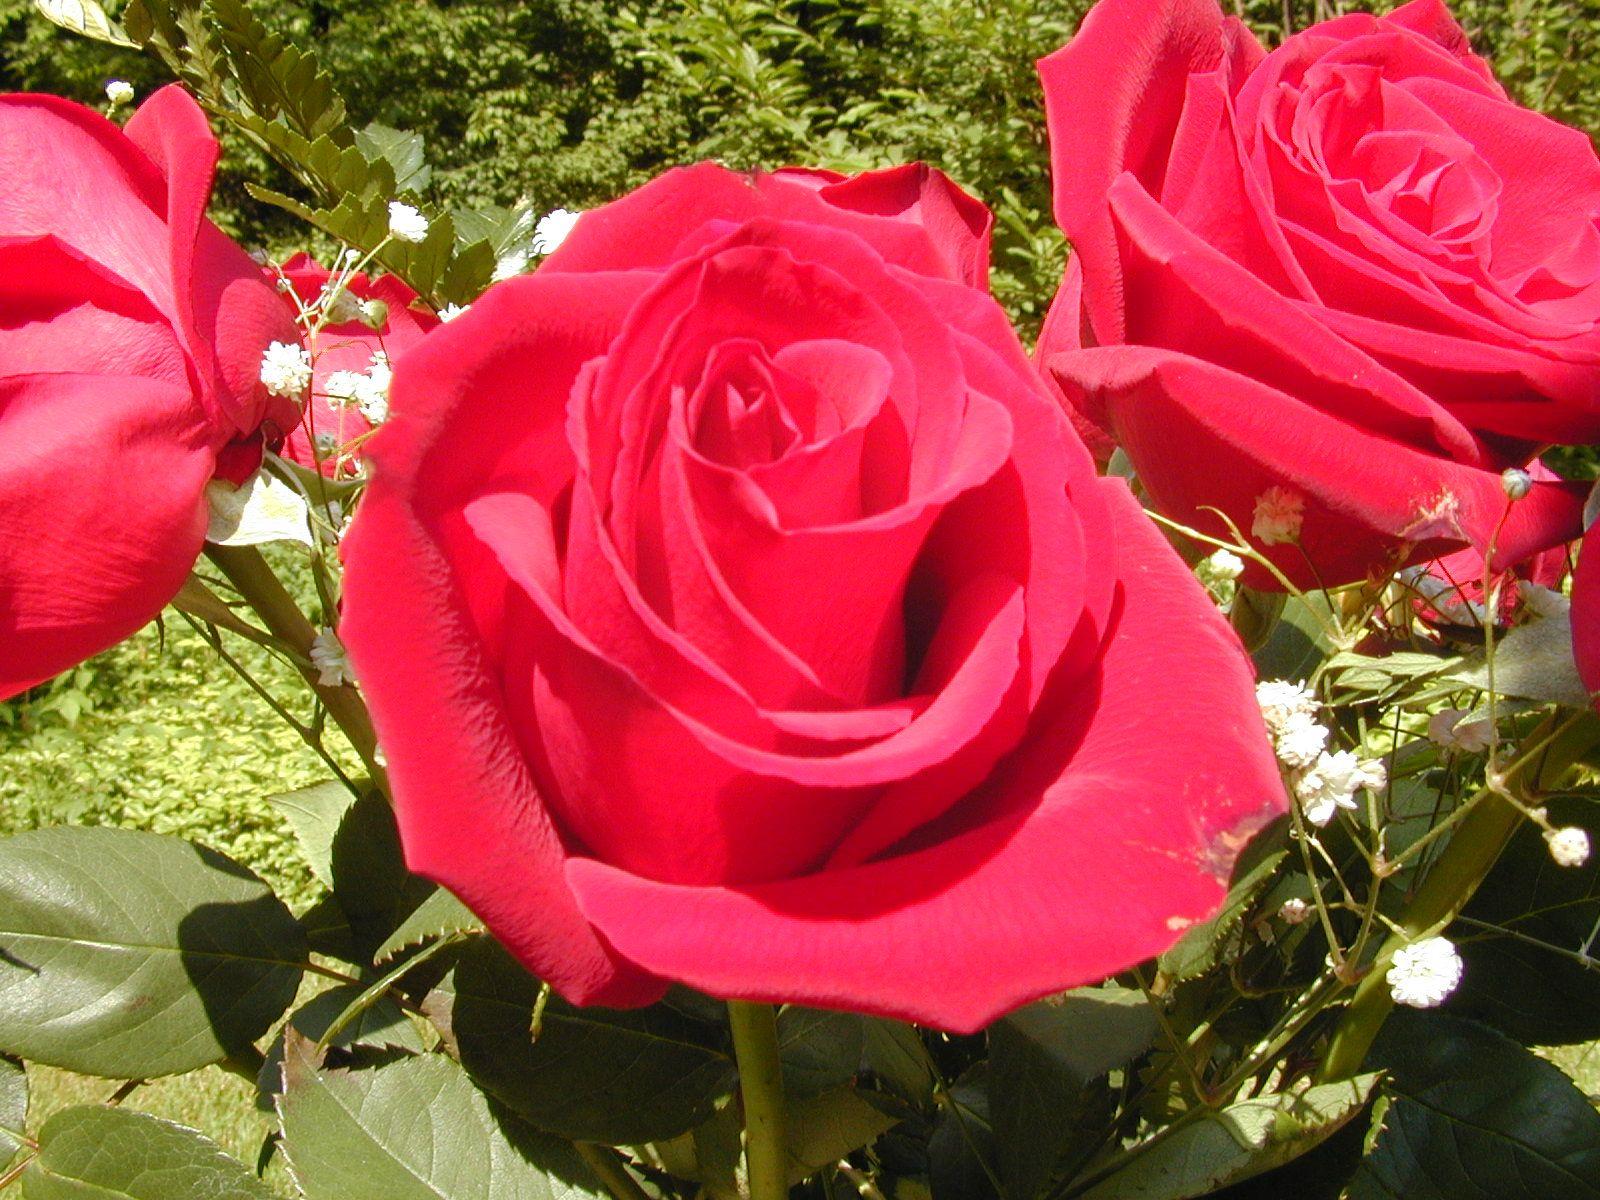 Rose Flowers Full Hd Wallpaper